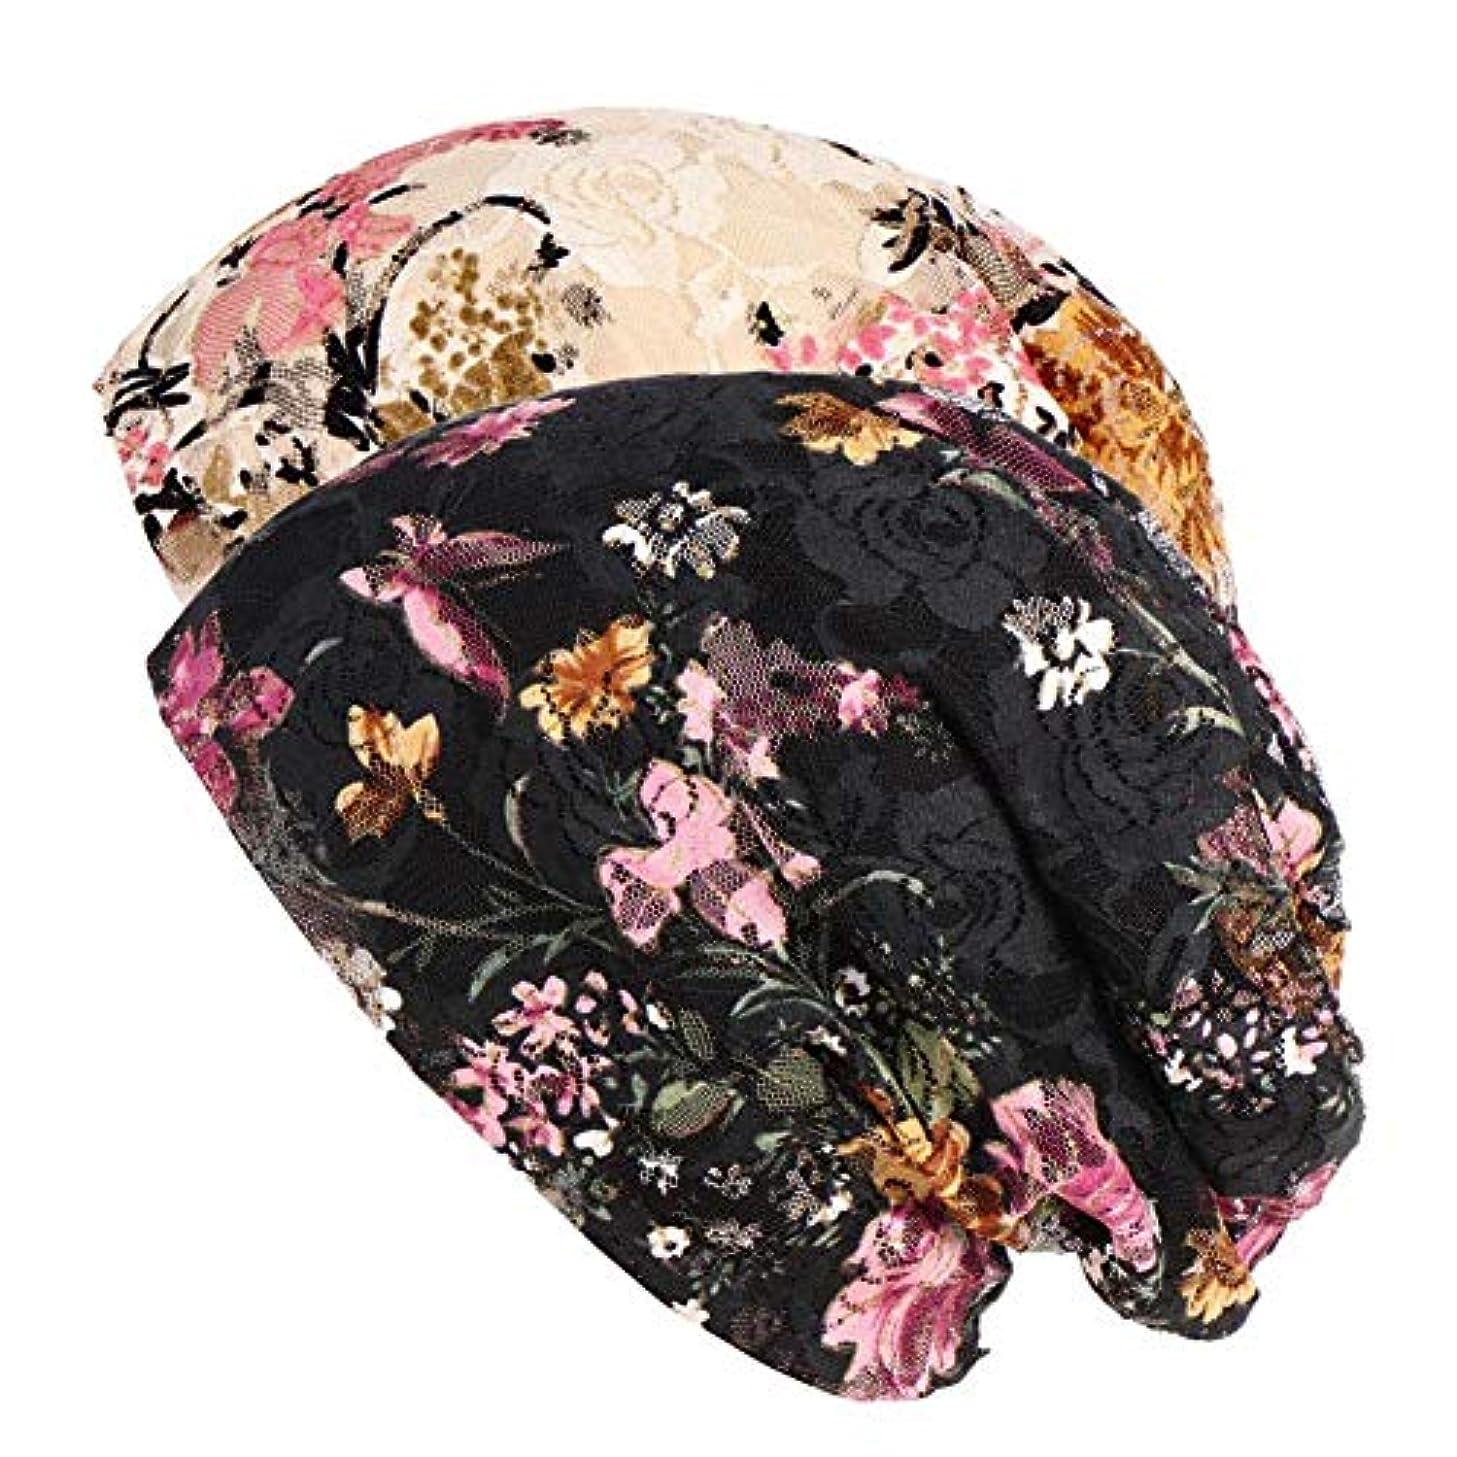 マウントバンクドリンク鷲ヘッドスカーフ レディース ビーニーハット レディース 柔らかい 多用途 頭飾り 軽量 通気性 眠り、化学療法 、 キャンサーと脱毛症